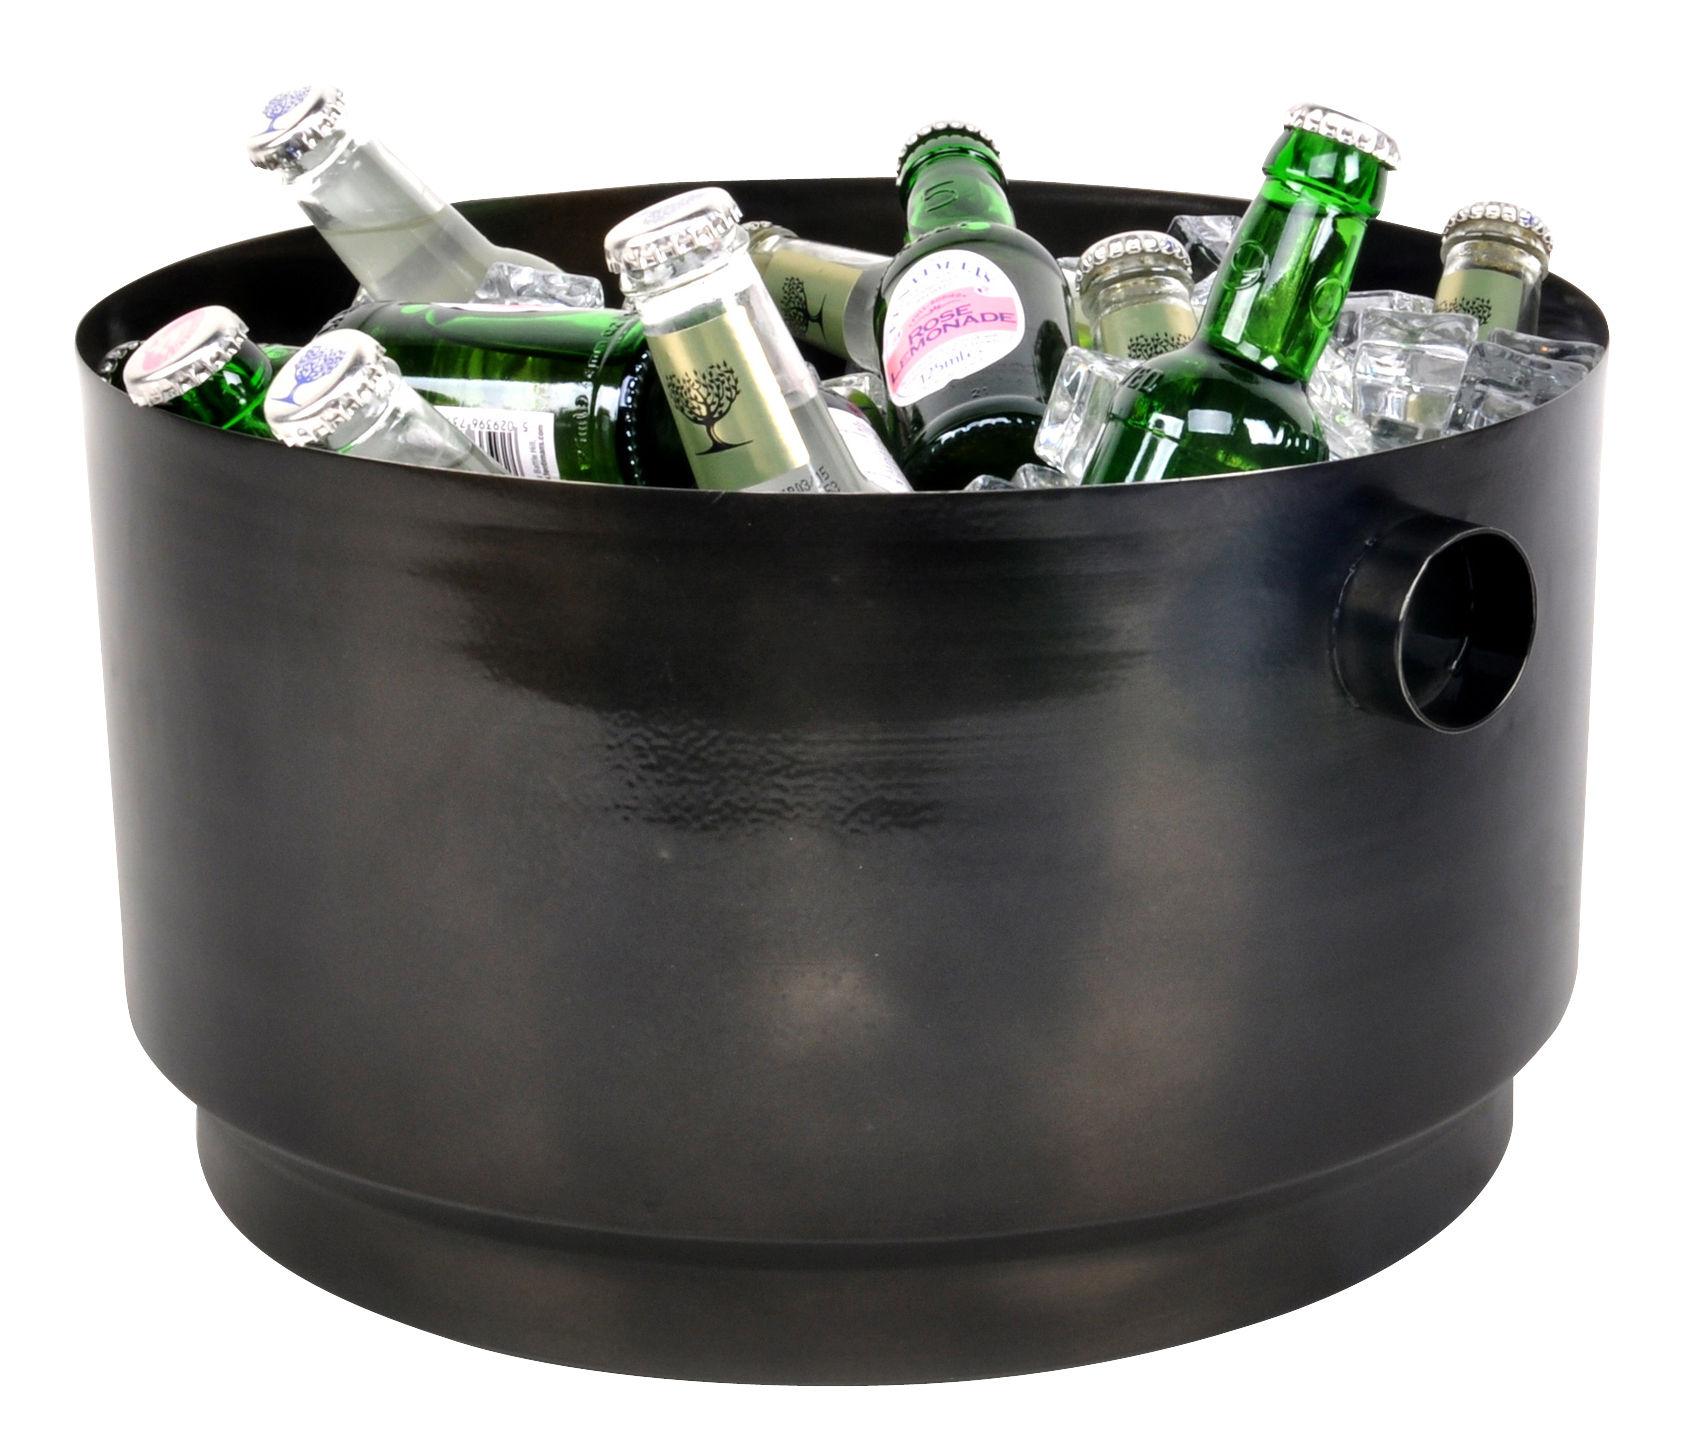 Arts de la table - Bar, vin, apéritif - Seau à champagne Rondo / XL - 10 bouteilles - XL Boom - Noir - Acier inoxydable